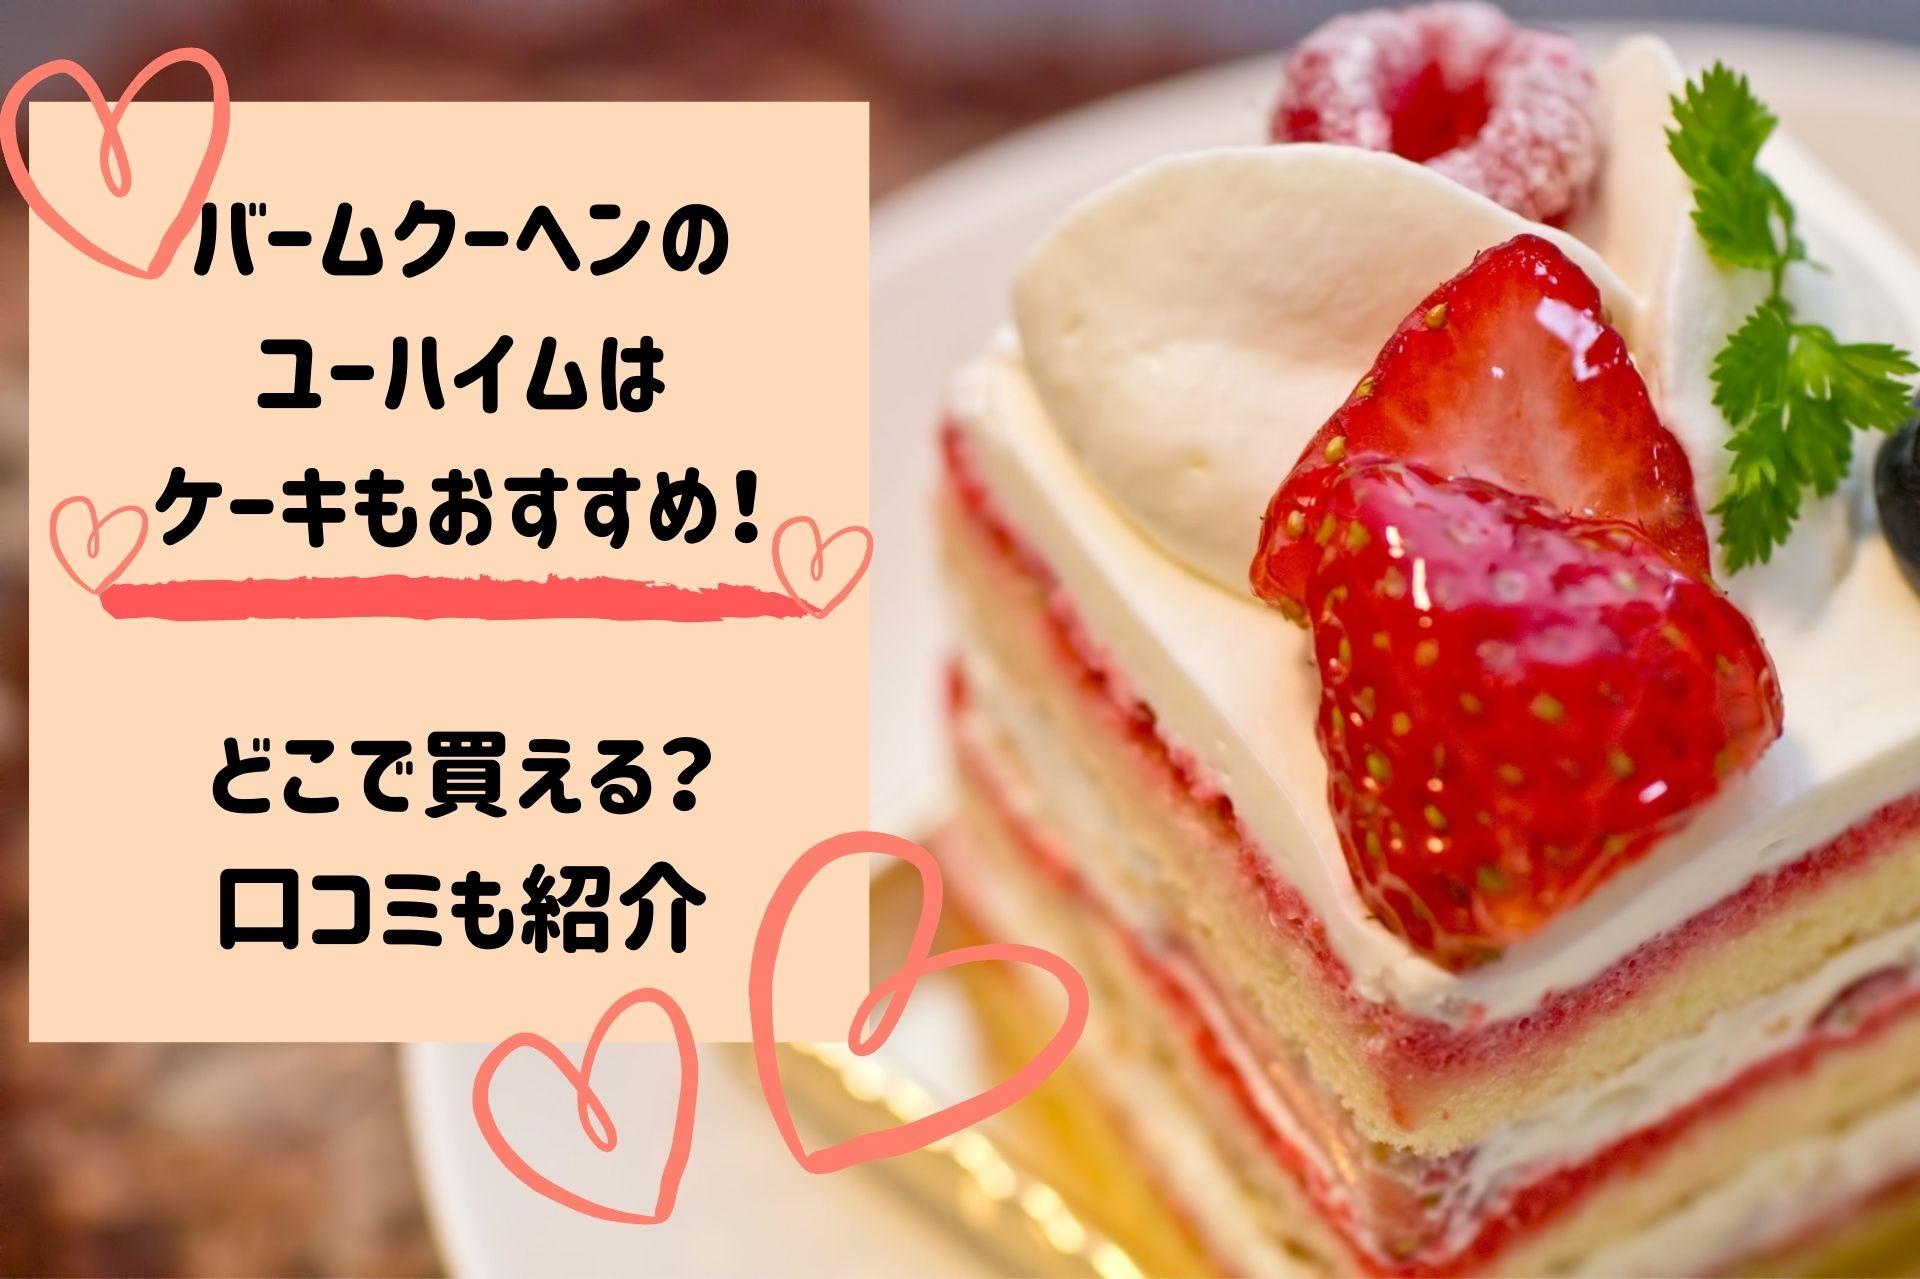 ユーハイム ケーキ 種類